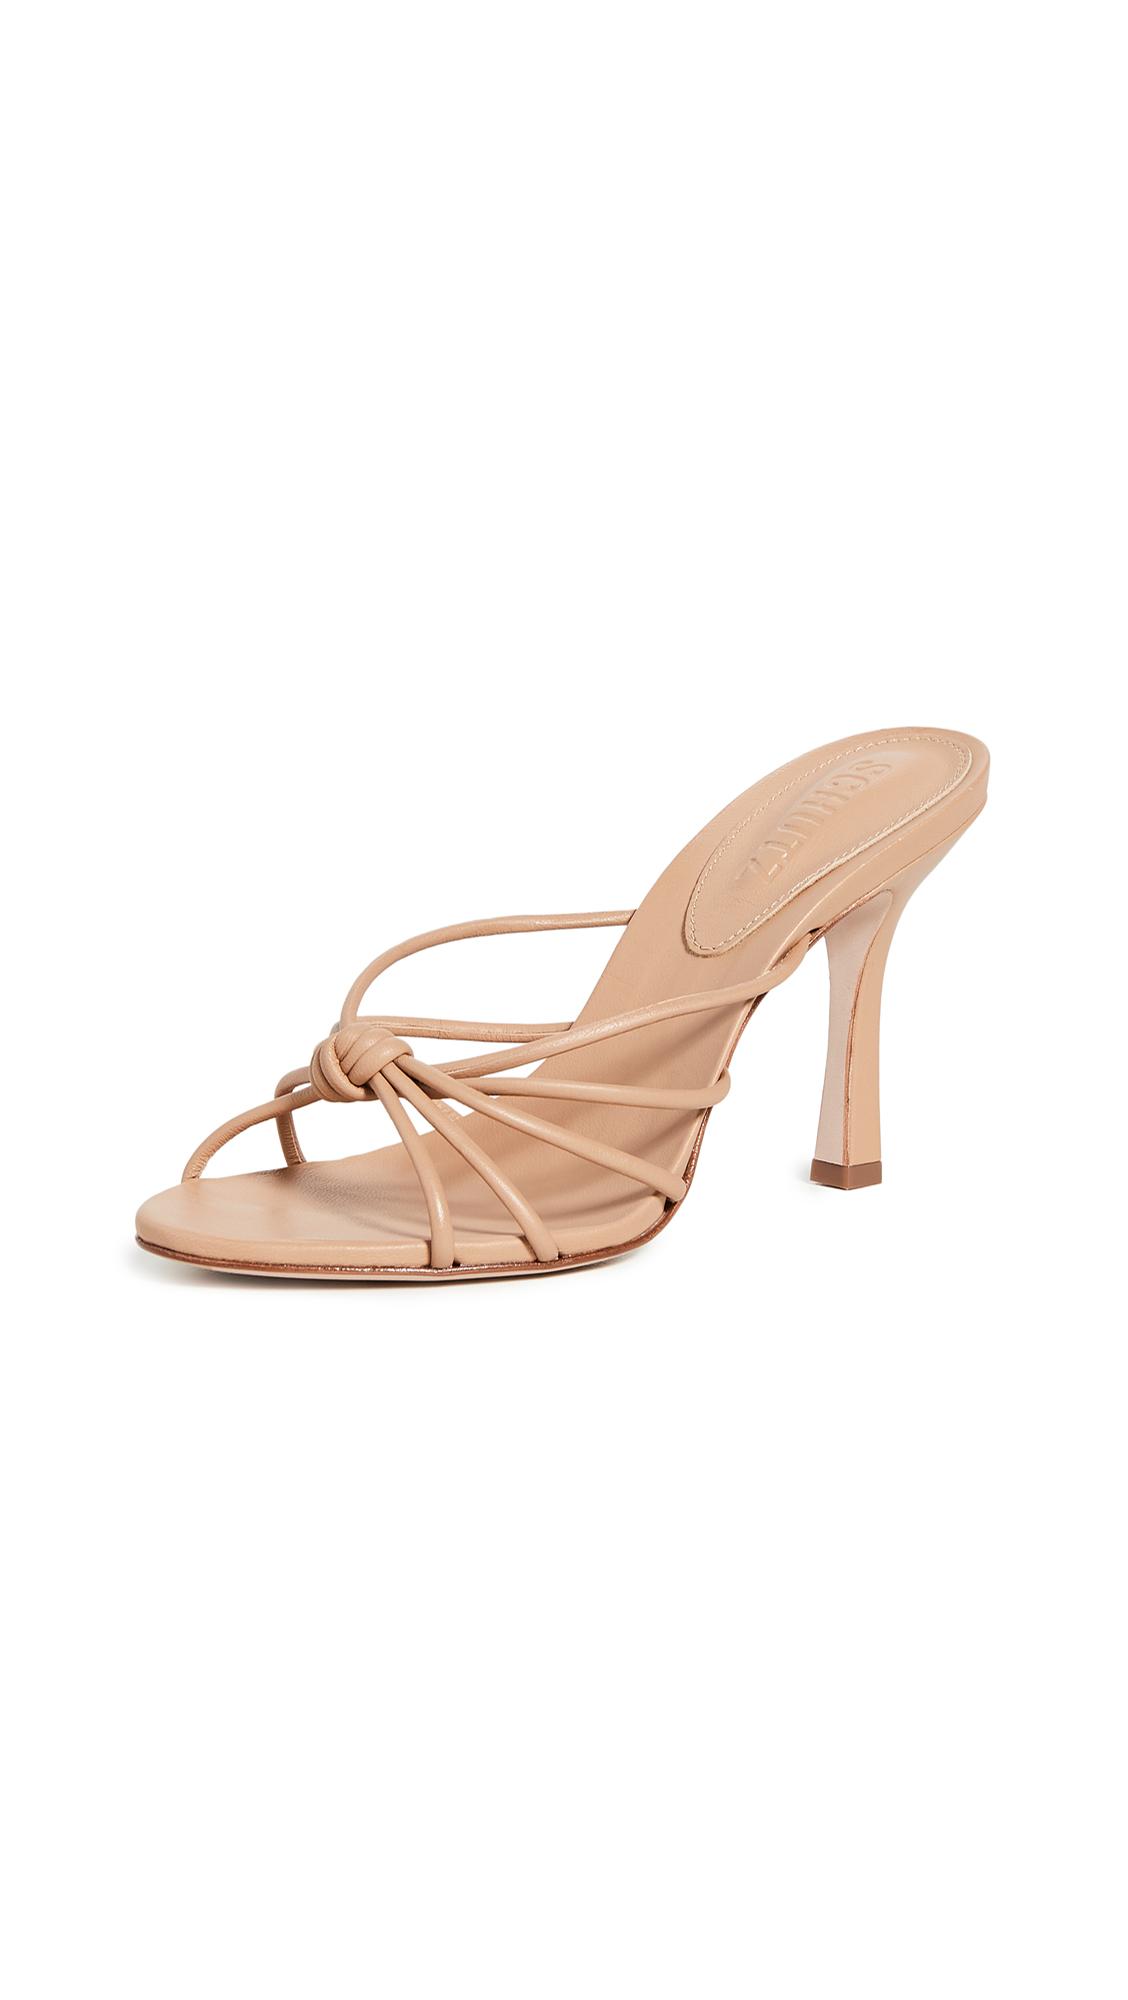 Buy Schutz Rina Sandals online, shop Schutz